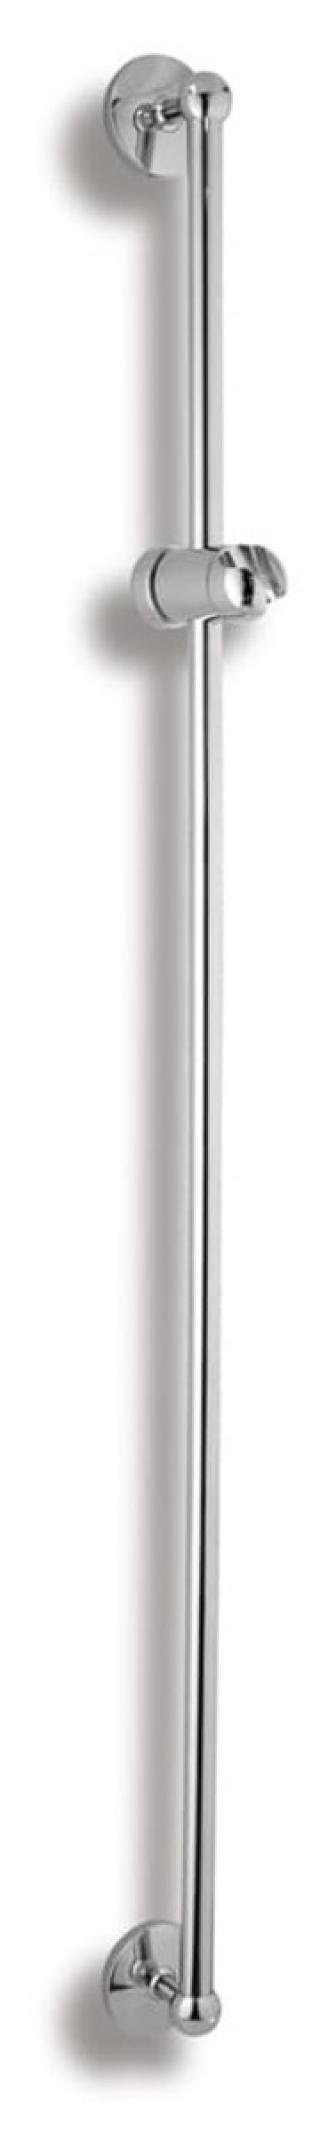 Sprchová tyč Novaservis Metalia 1 na stěnu s držákem sprchy chrom 6119,0 chrom chrom